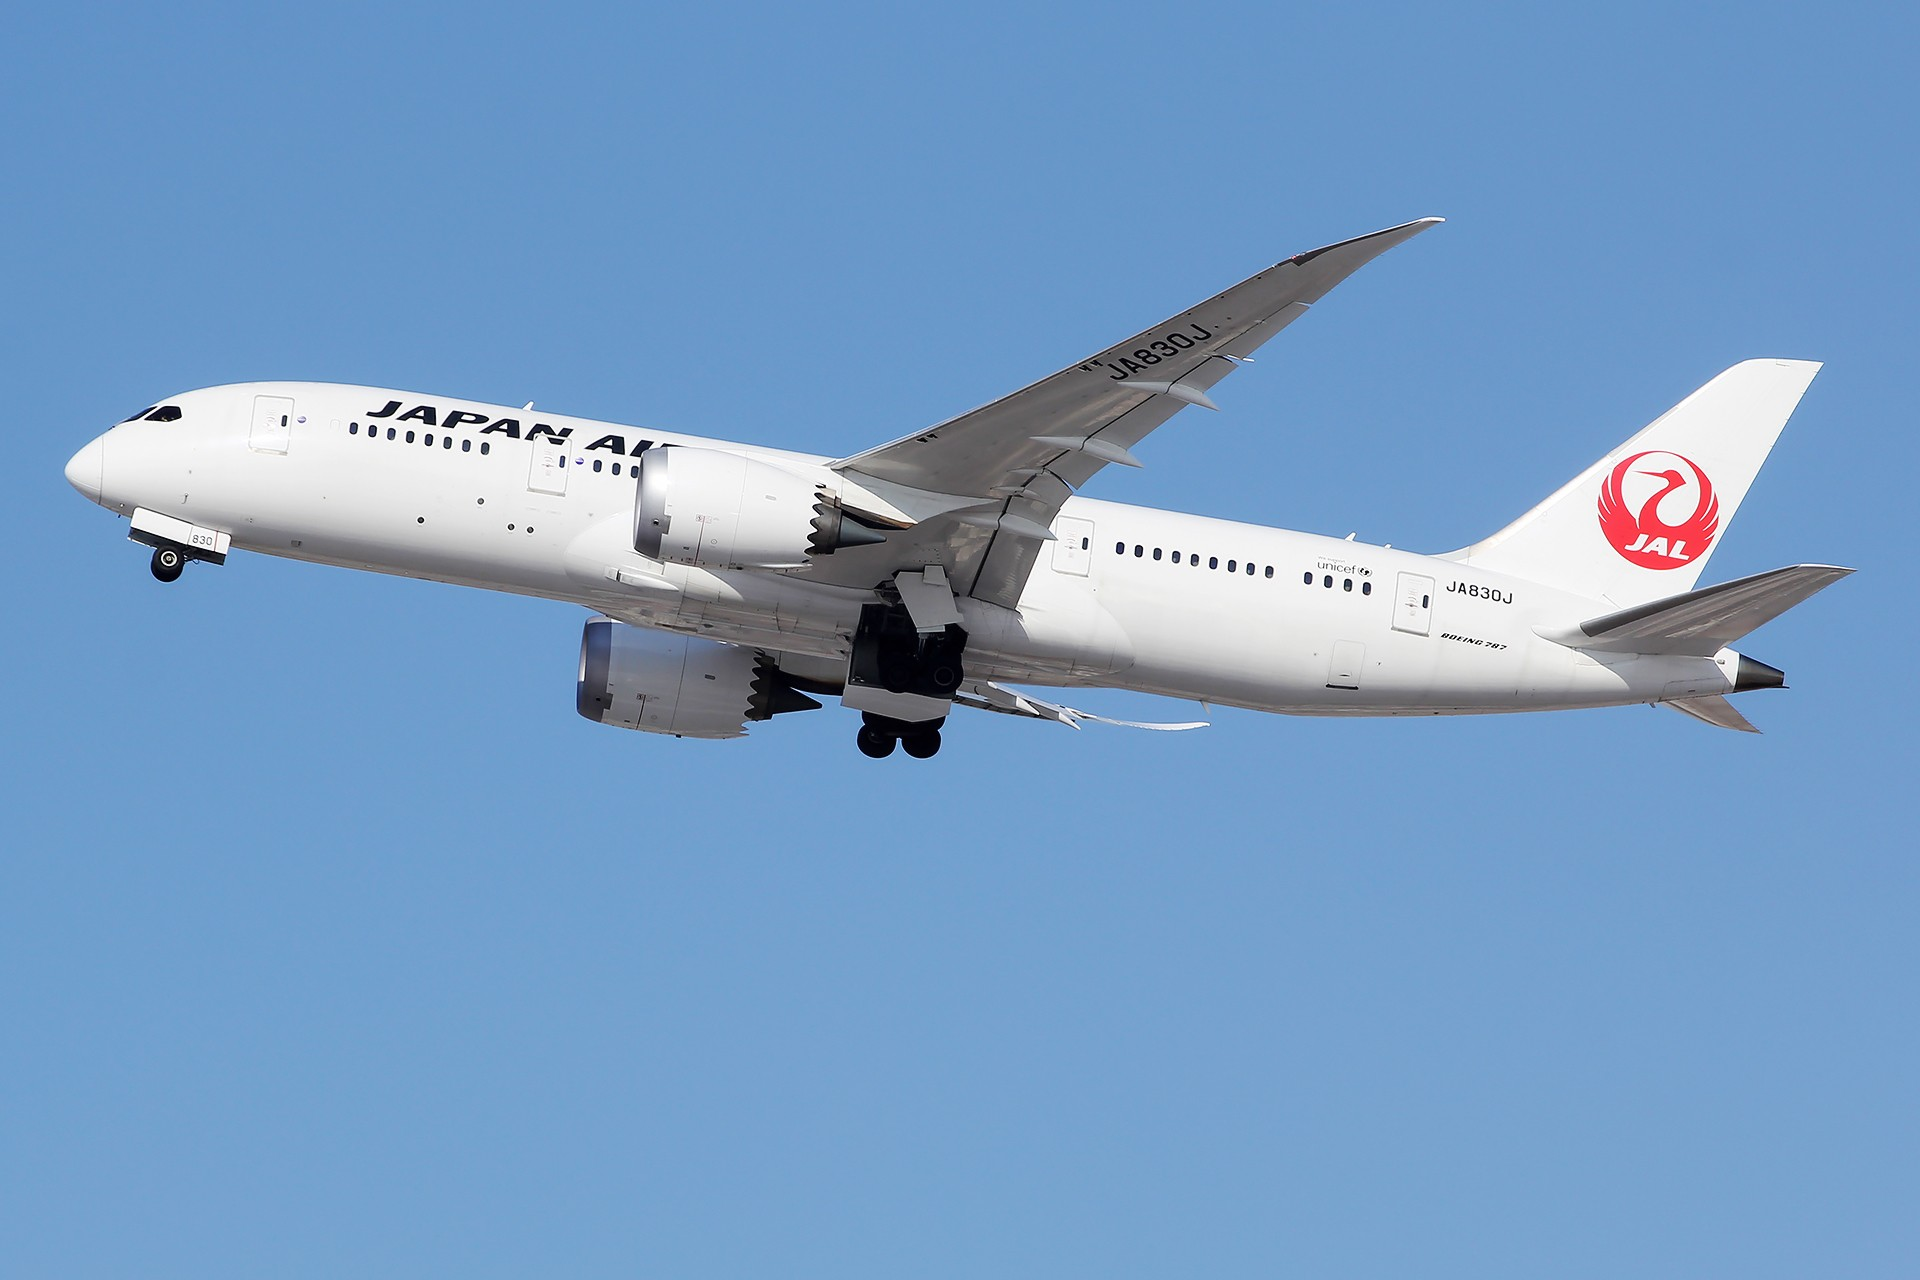 Re:[原创]DLC]。。。日本航空787-8三图。。。 BOEING 787-8 JA830J 中国大连国际机场